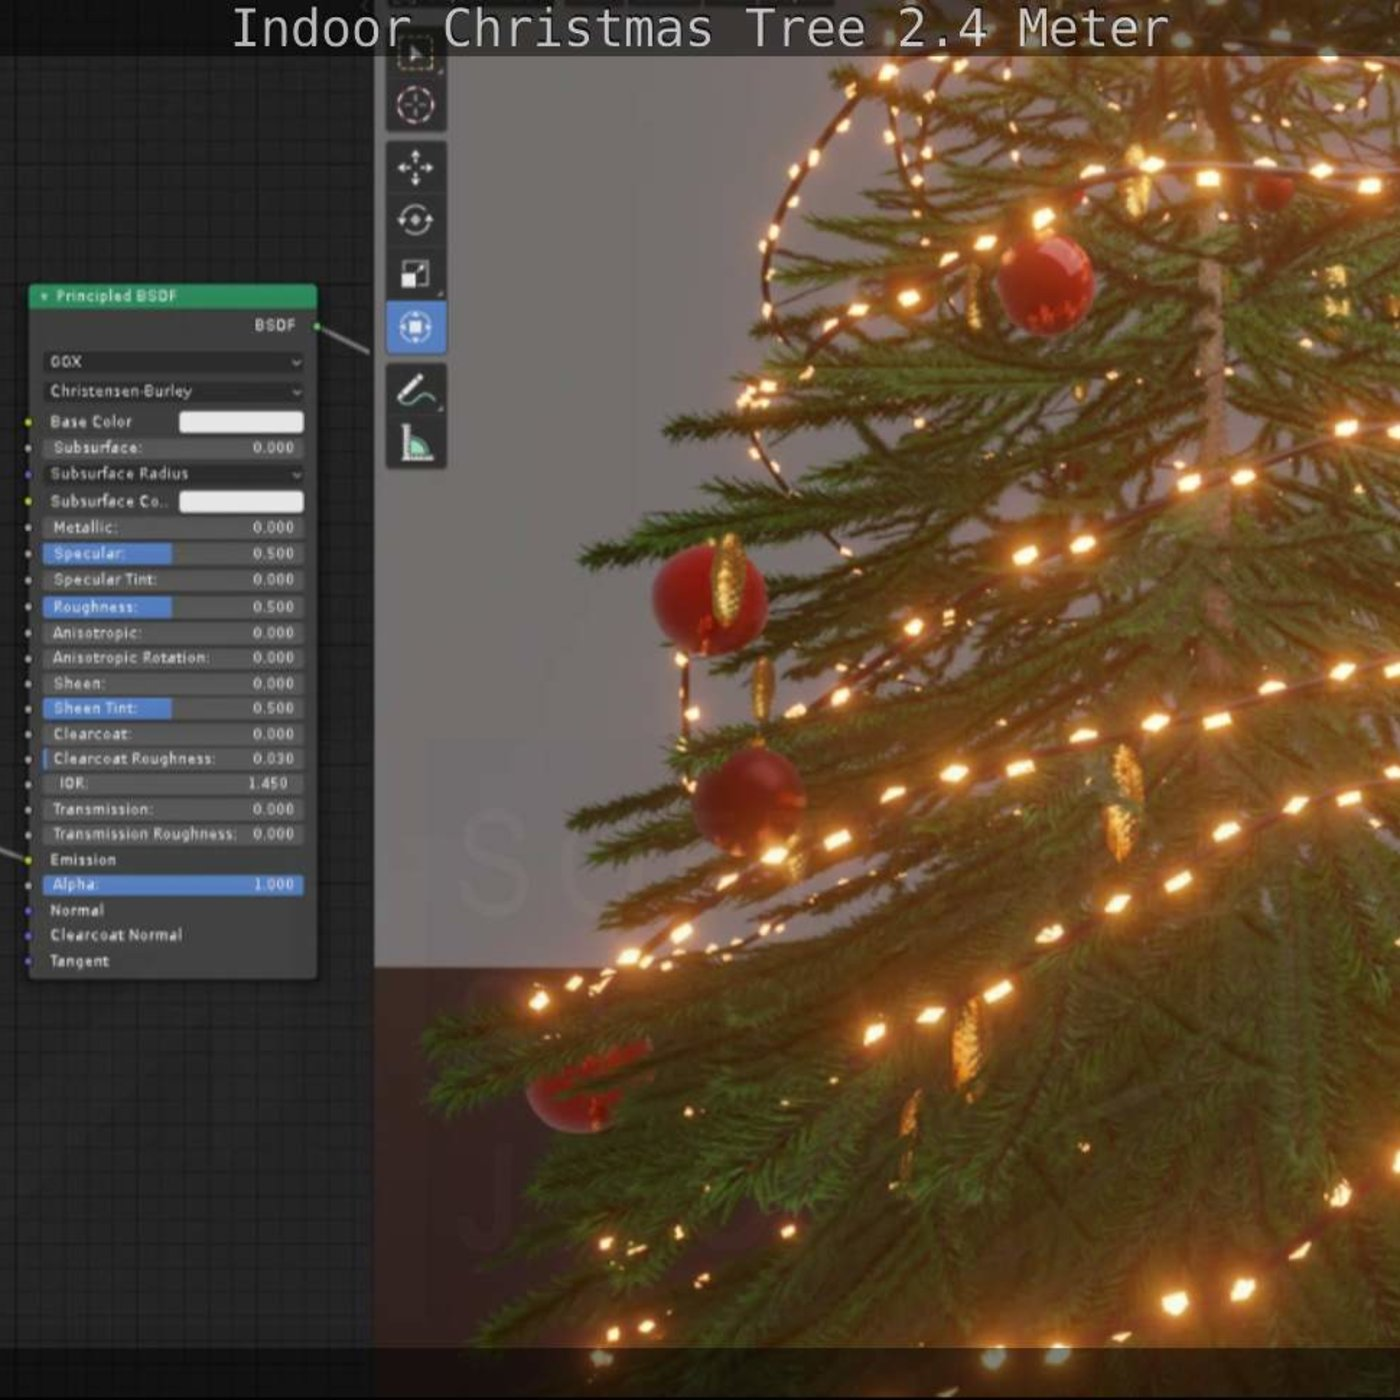 Indoor Christmas Tree 2.4 meter